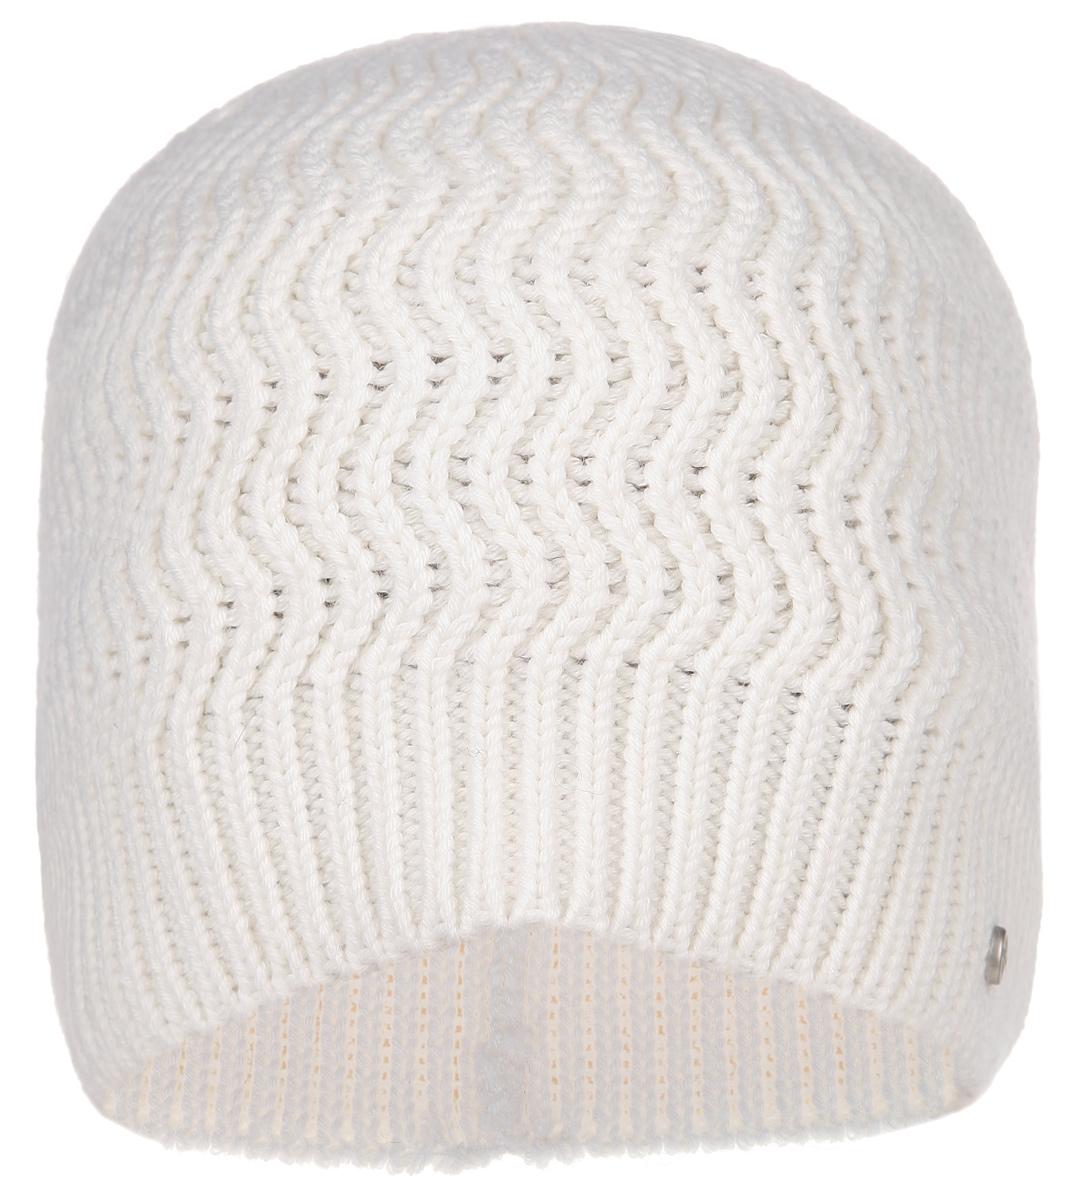 Шапка3447830Вязаная мужская шапка Canoe - классическая полушерстяная облегающая шапка, которая отлично дополнит ваш образ в холодную погоду. Сочетание различных материалов максимально сохраняет тепло и обеспечивает удобную посадку. Все изделия проходят предварительную стирку и последующую обработку специальными составами и паром для улучшения износоустойчивости, комфорта и приятных тактильных ощущений. Модель оформлена небольшим металлическим логотипом бренда. Шапка Canoe составит идеальный комплект с модной верхней одеждой, в ней вам будет уютно и тепло!